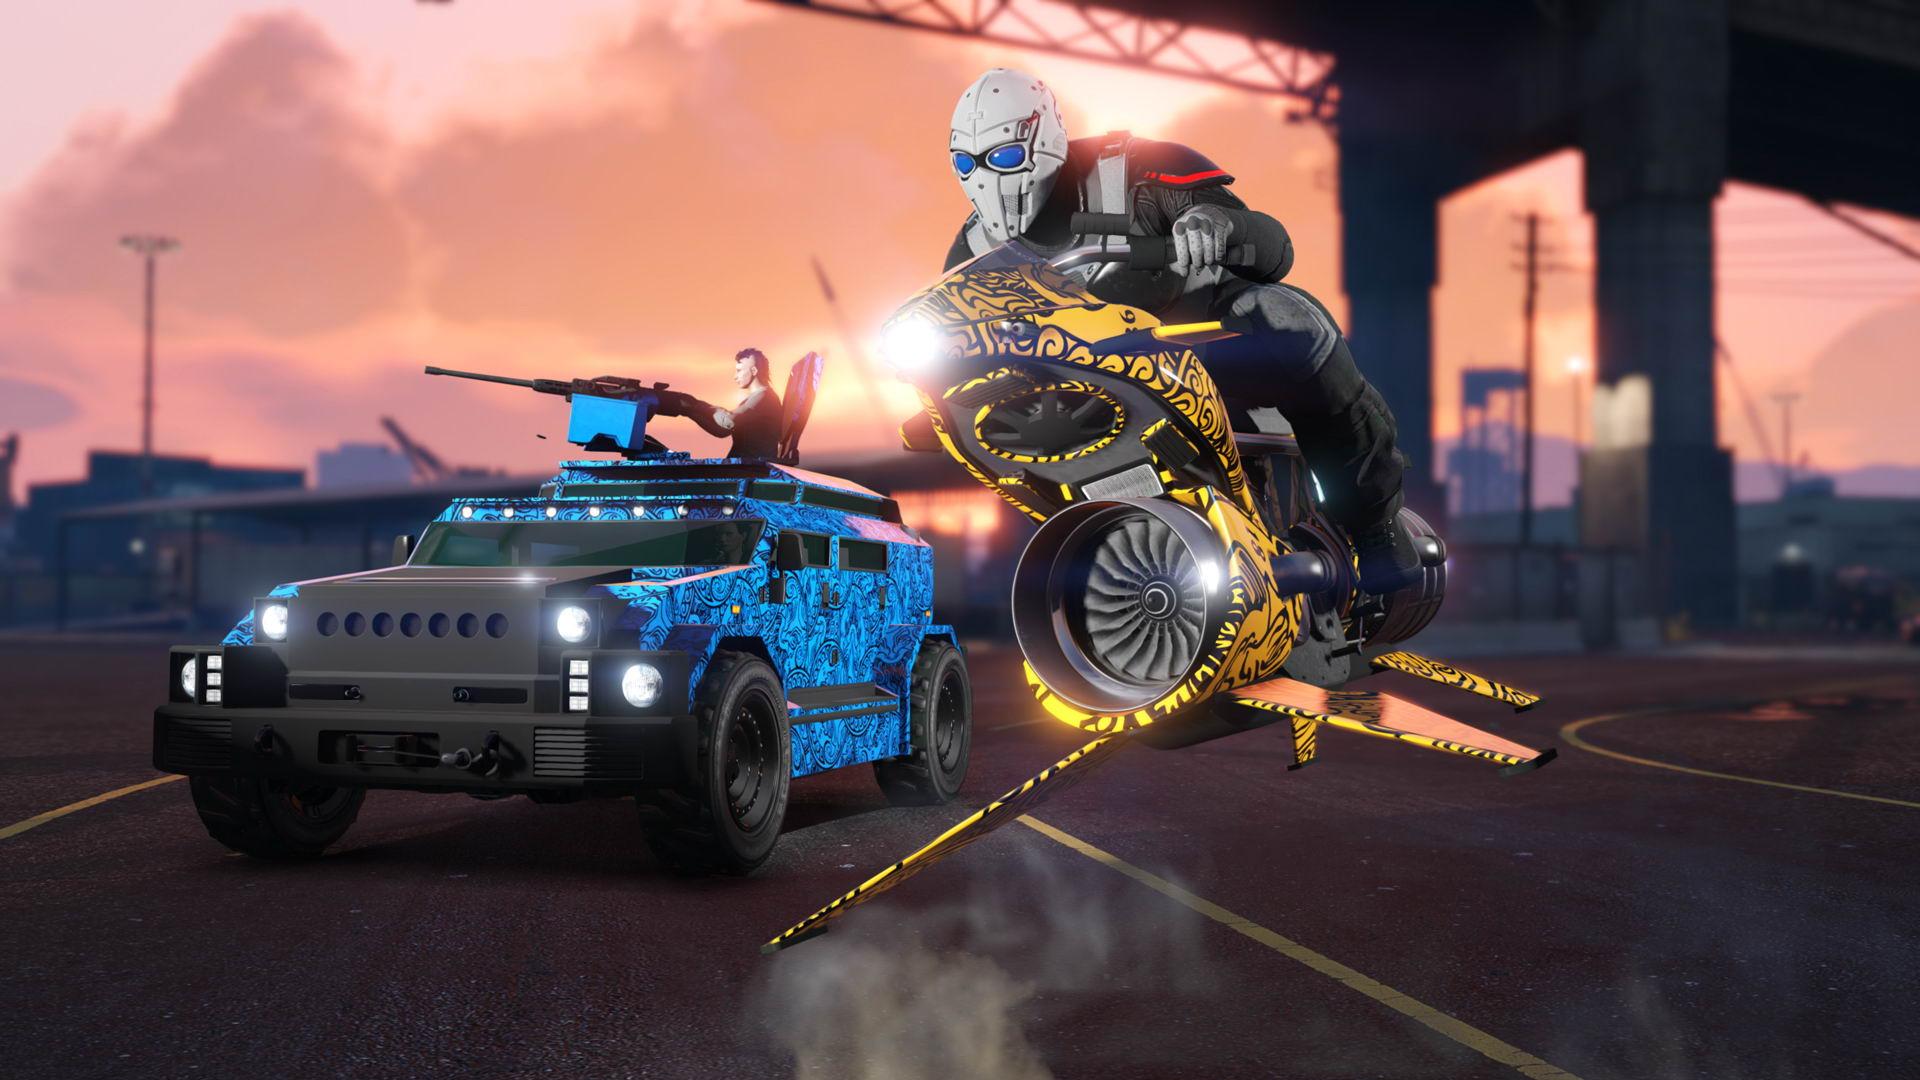 《侠盗猎车OL》全新更新发布 对抗模式等经典内容回归